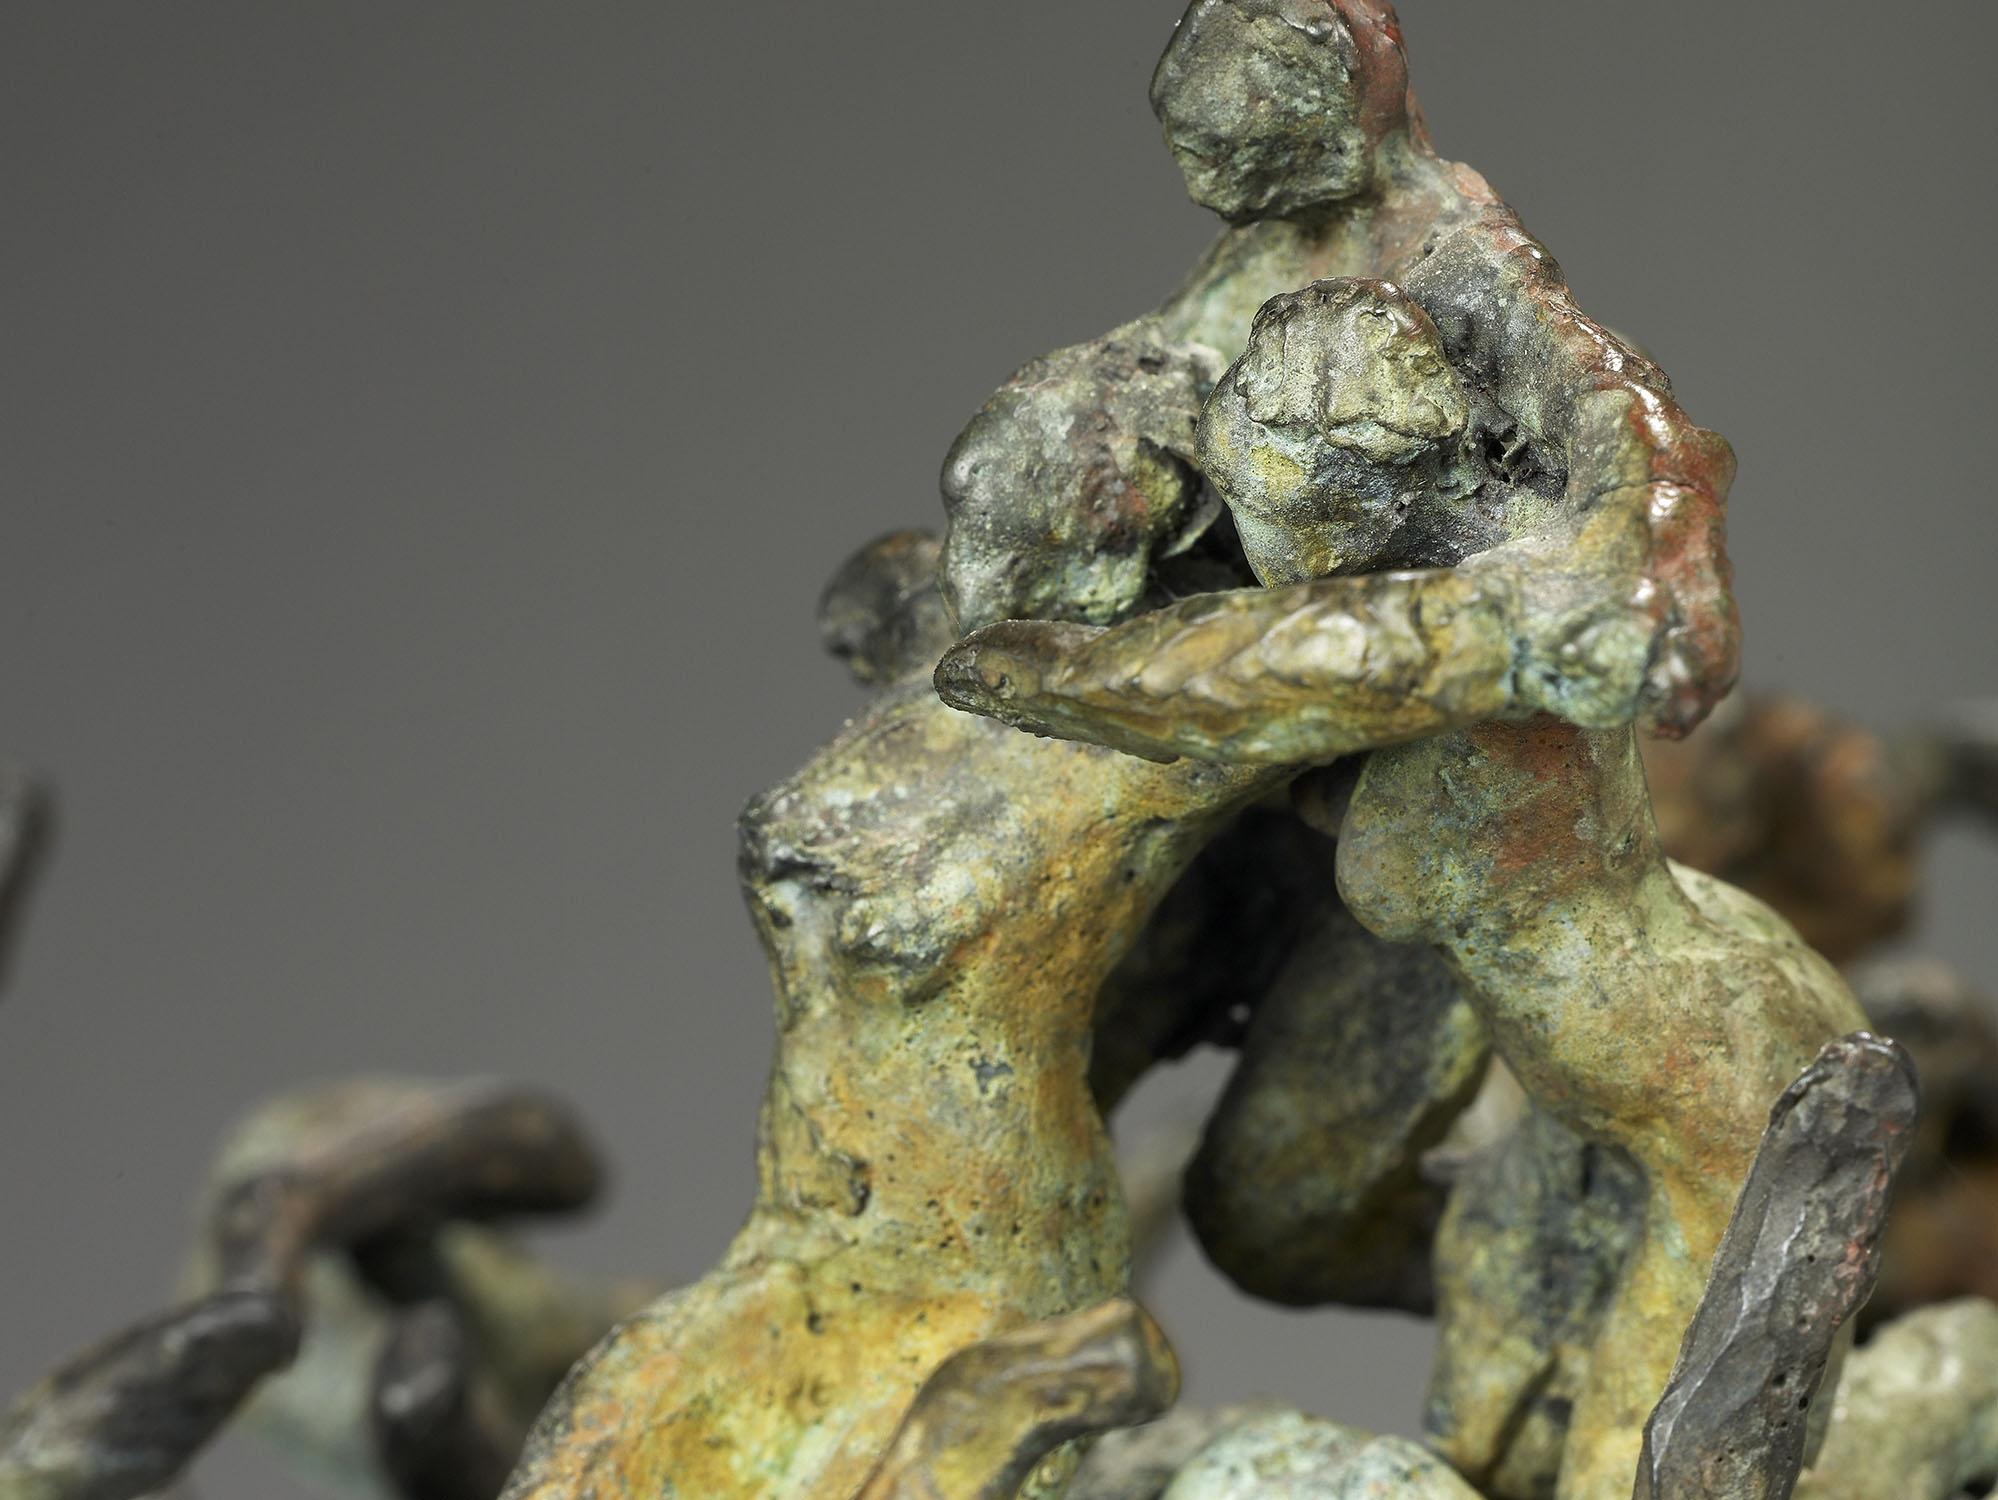 écologique désastre nature bronze sculpture art explosion culture